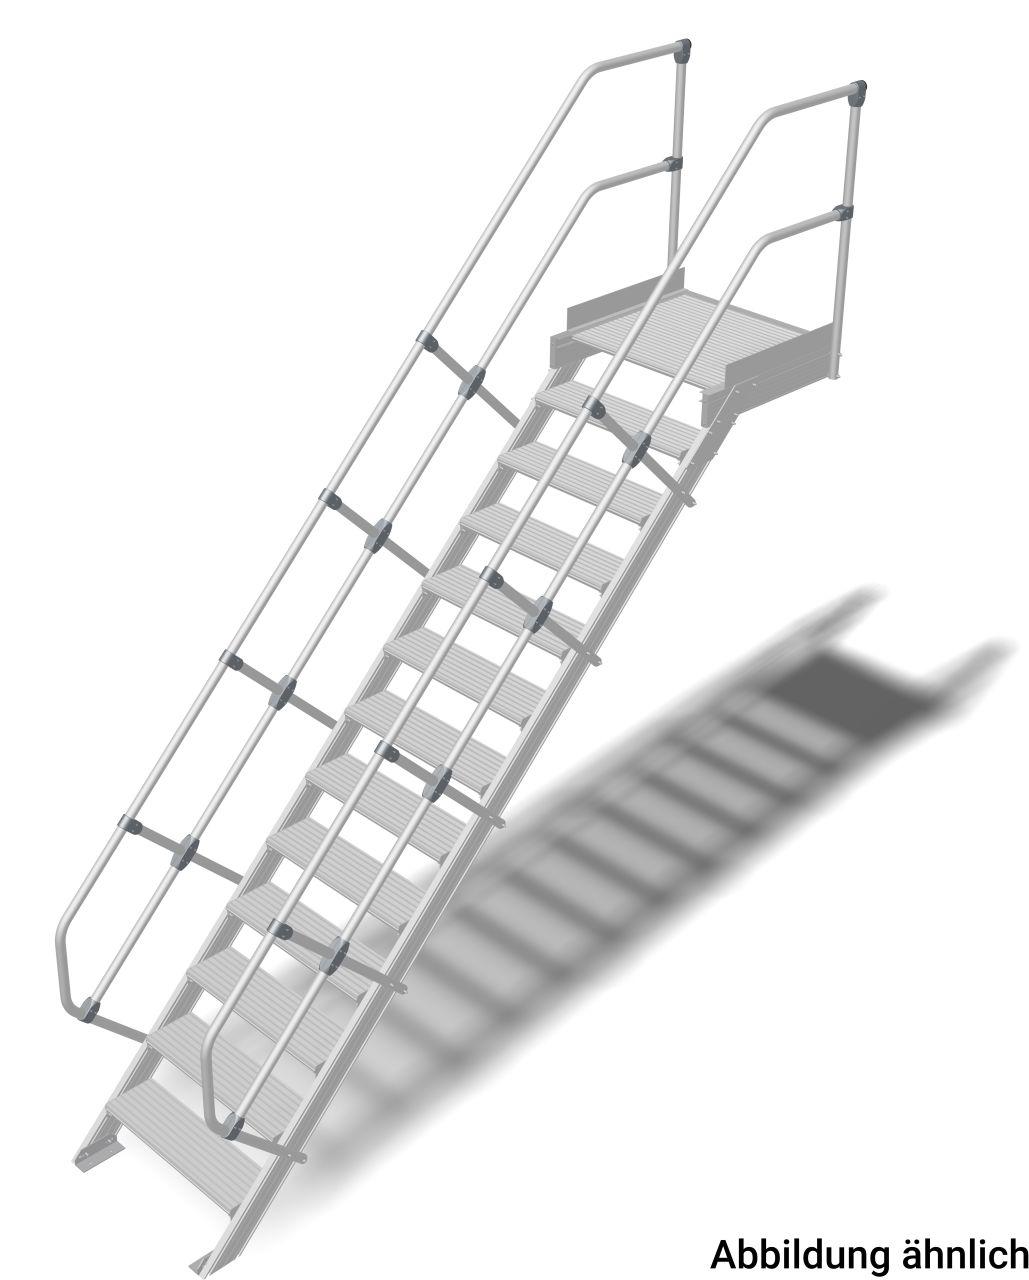 Treppe mit Plattform (Leichtmetall) Robuste Aluminium-Treppe für den sicheren Zugang zu Türen oder Zwischenböden etc. in Anlehnung an die DIN EN ISO14122